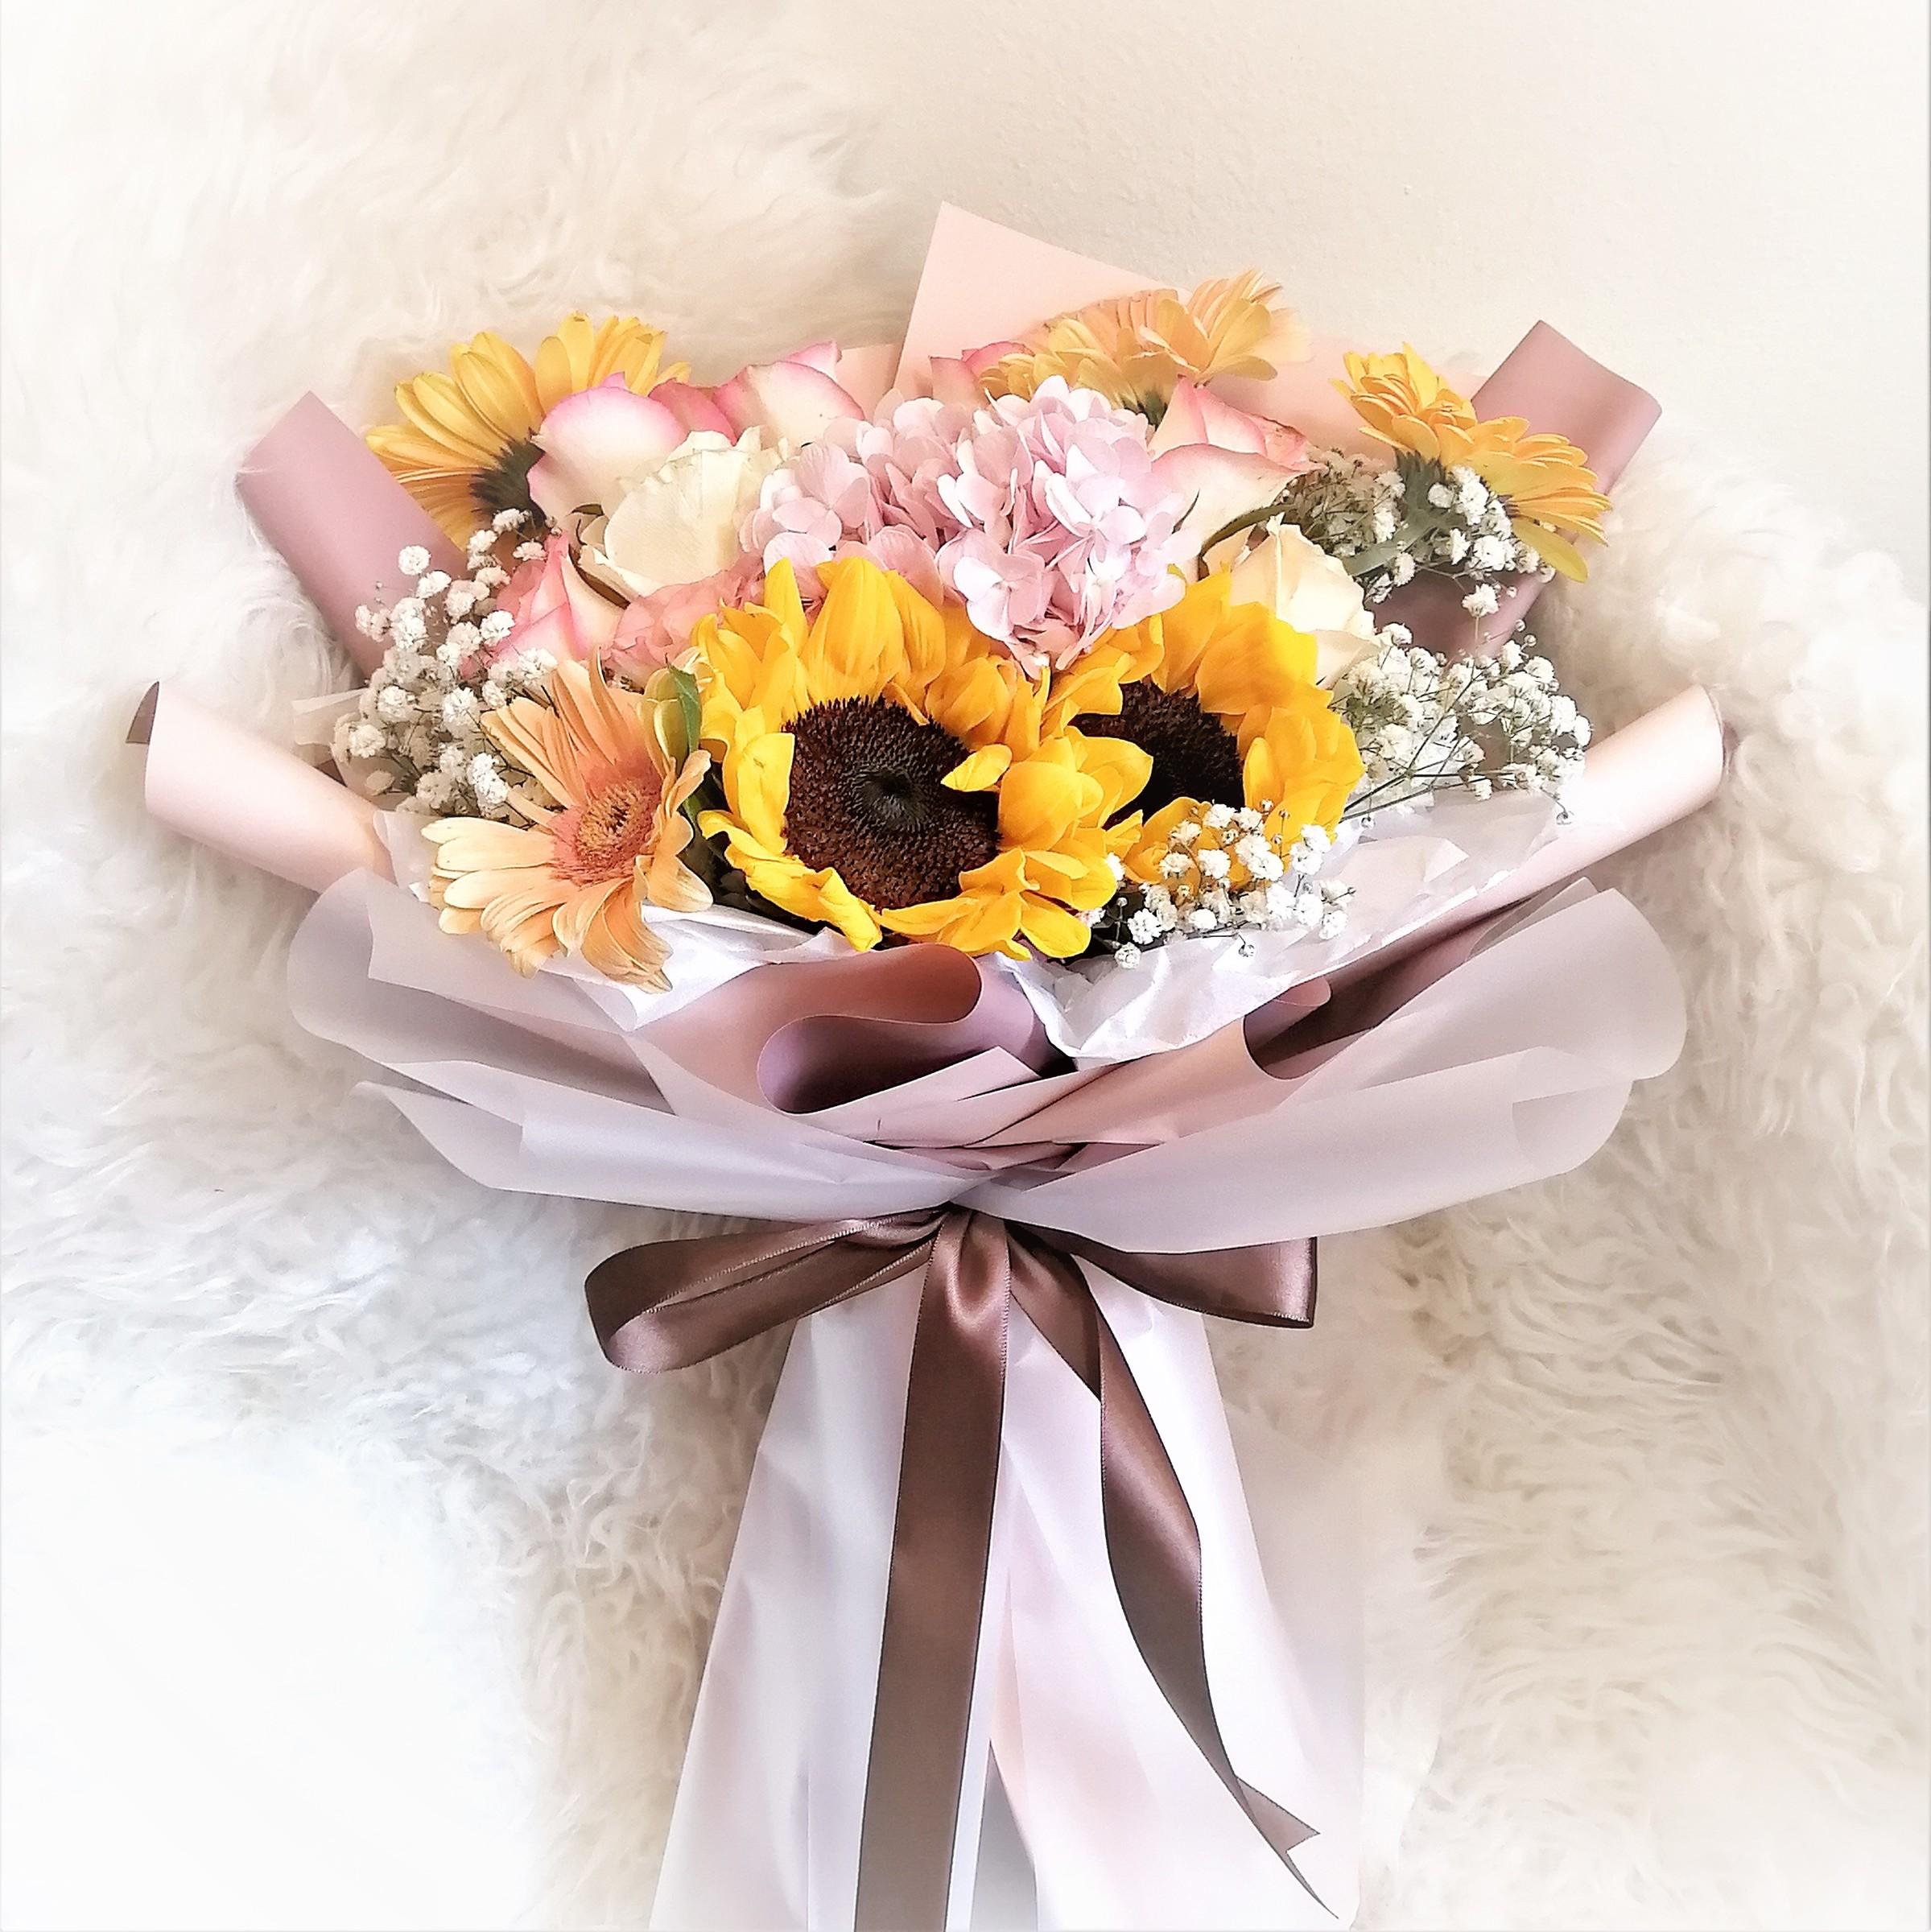 flower delivery kl 15.jpeg